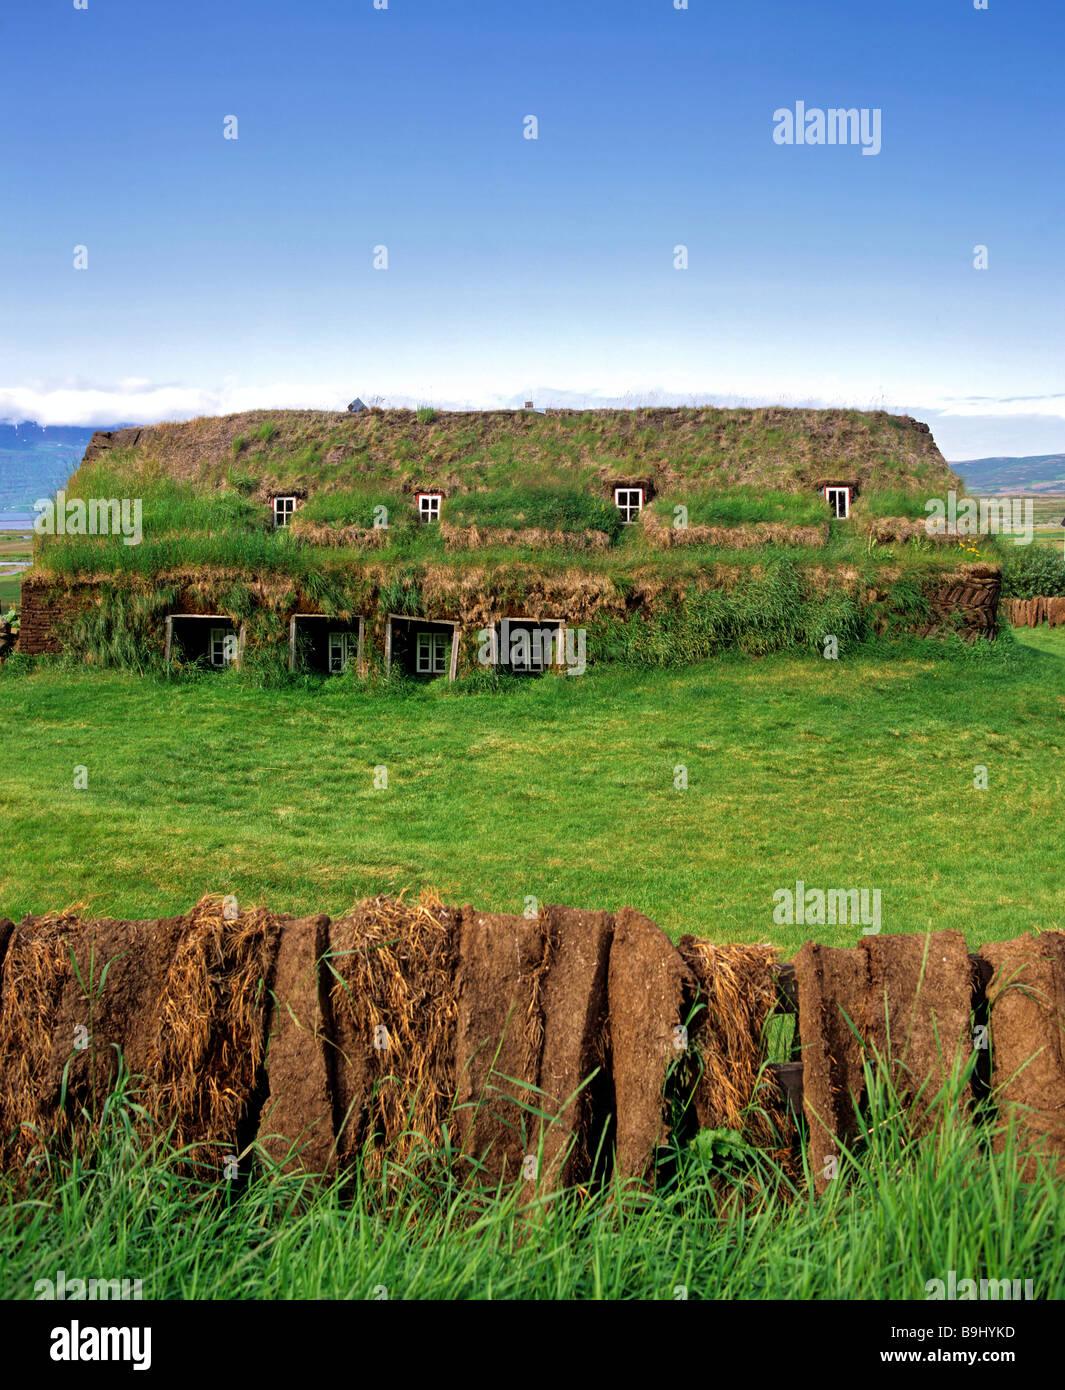 SOD Häuser, Häuser, Rasen Museum, Laufás, Island Stockbild